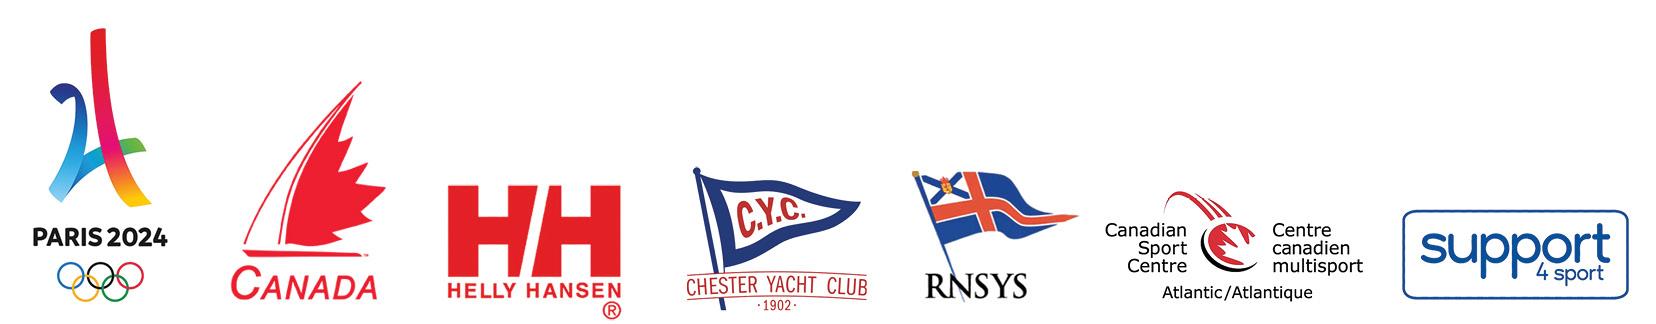 logosforllswebsite.jpg